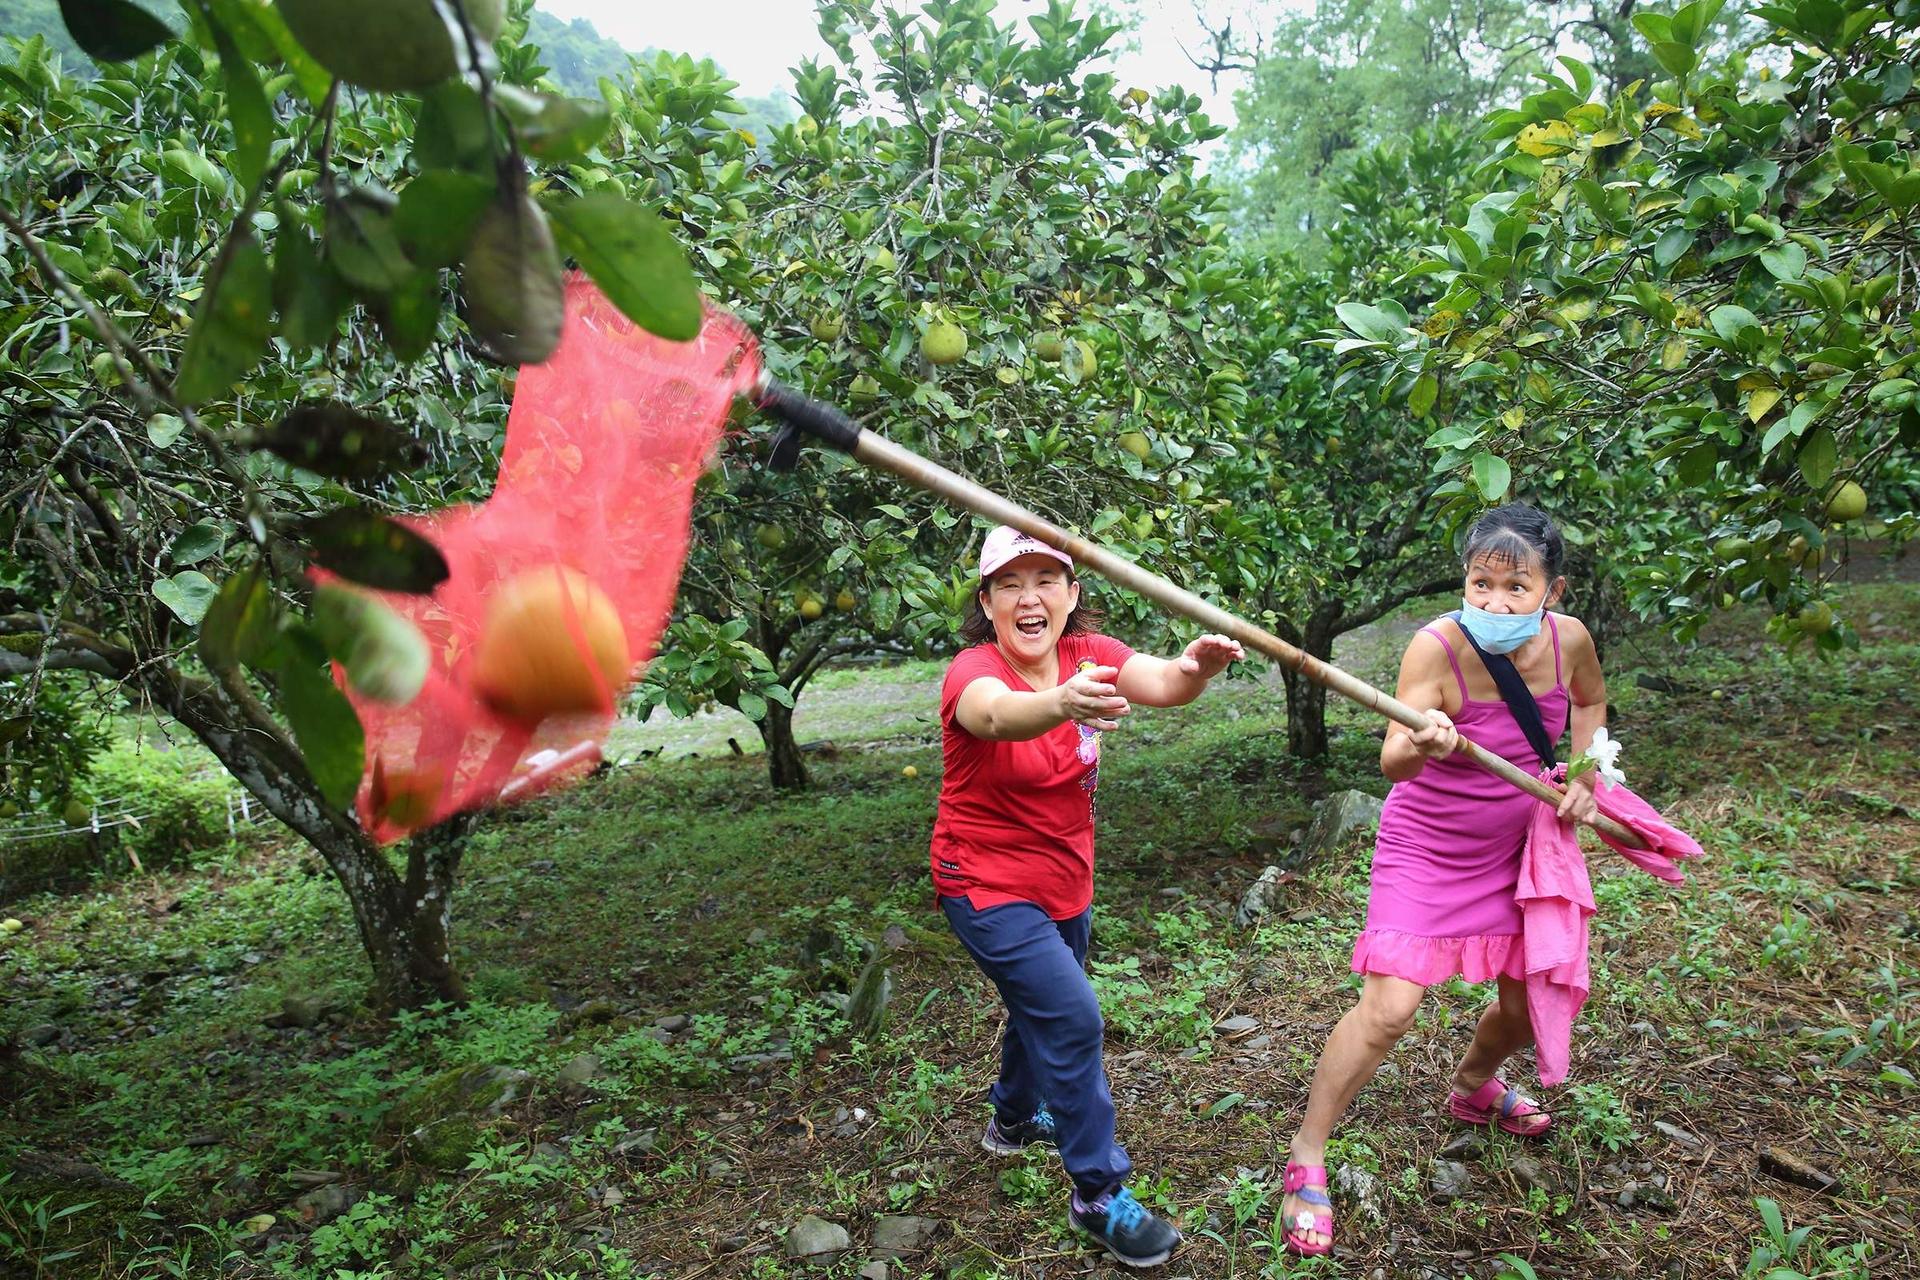 民眾在中秋節前夕前往三富休閒農場體驗文旦柚的採果樂趣,因樹形較高,採果需要以網子來協助。三富休閒農場擁有3公頃約300多棵柚子樹,早年也曾採摘並至市場販售,轉型為休閒農業後,以自然有機方式放養,任由其花開、花落、結果、腐爛、讓養分回歸大地,生物鏈自行運作,孕育出豐富的自然生態,柚子園因而成為貓頭鷹、鳥類、昆蟲、山羌等的「自助餐廳」,每年只在9月白露節氣開放讓遊客自採,並將採果收入全部捐贈作為公益。